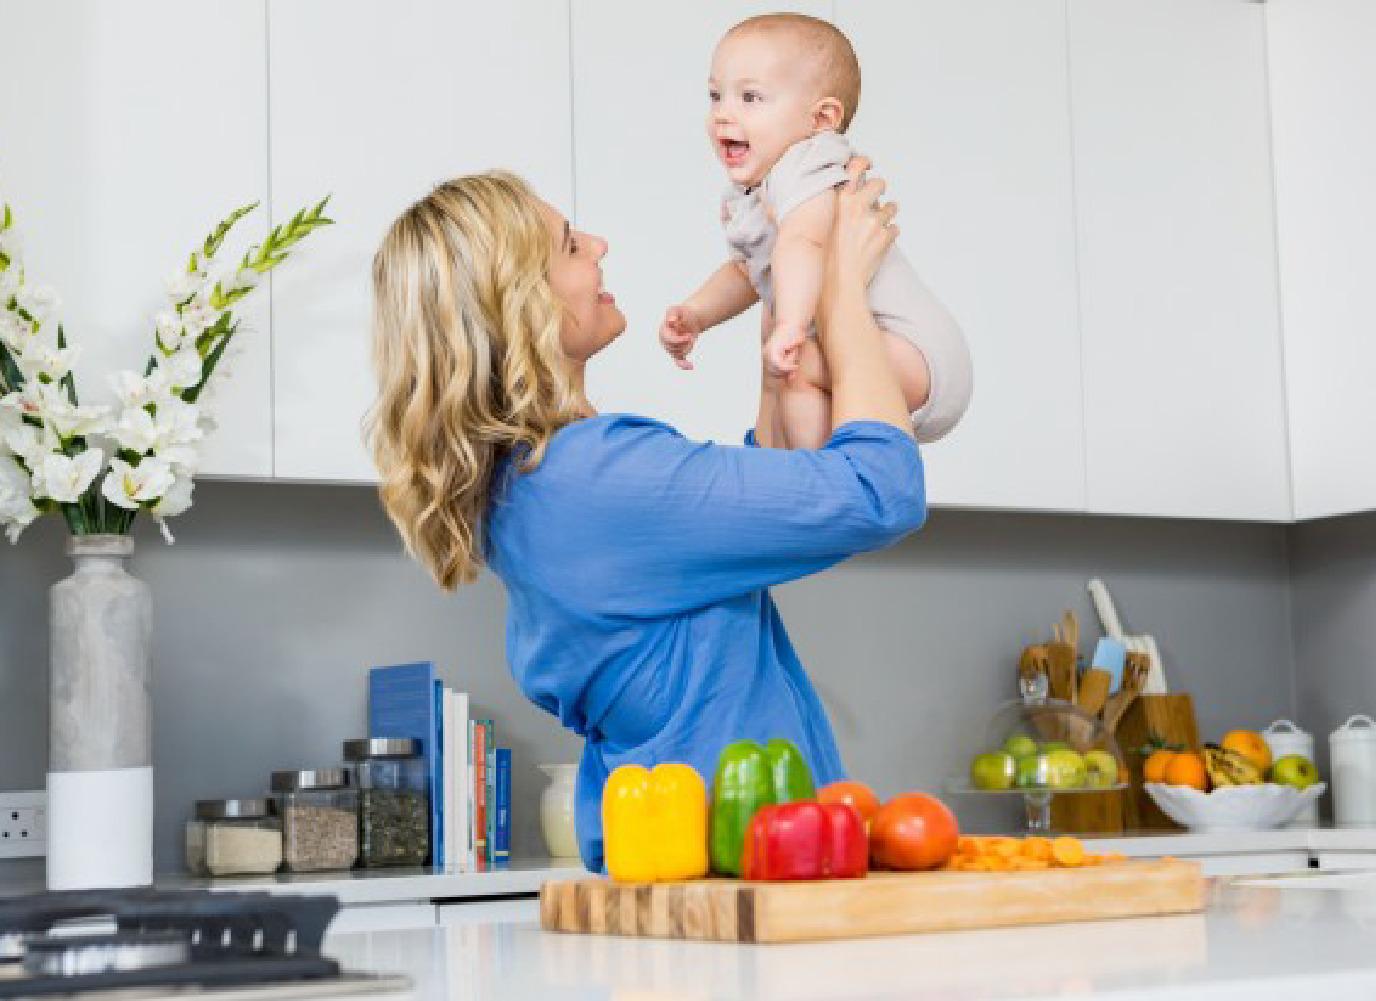 Sau sinh ăn rau gì để phục hồi sức khỏe nhanh chóng